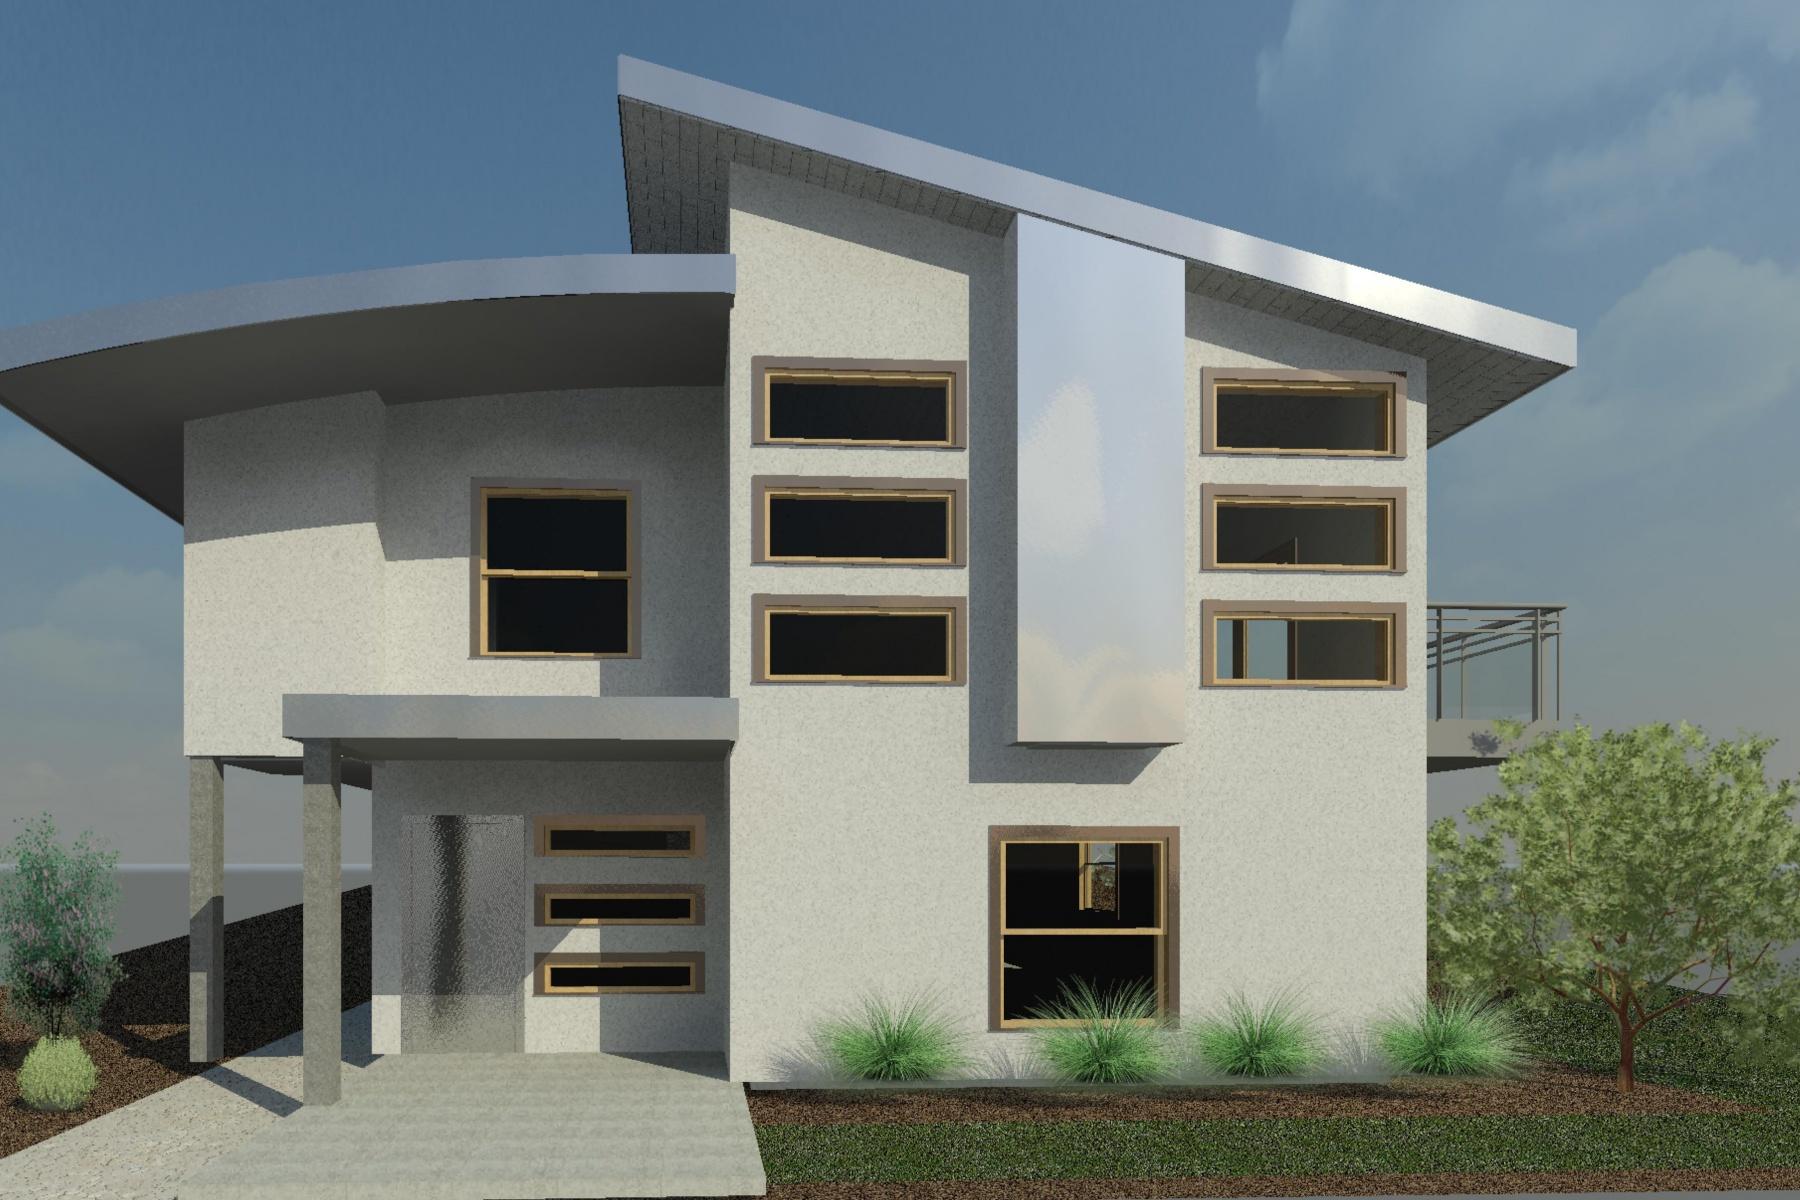 独户住宅 为 销售 在 628 NW Portland Avenue, BEND 本德, 俄勒冈州, 97703 美国